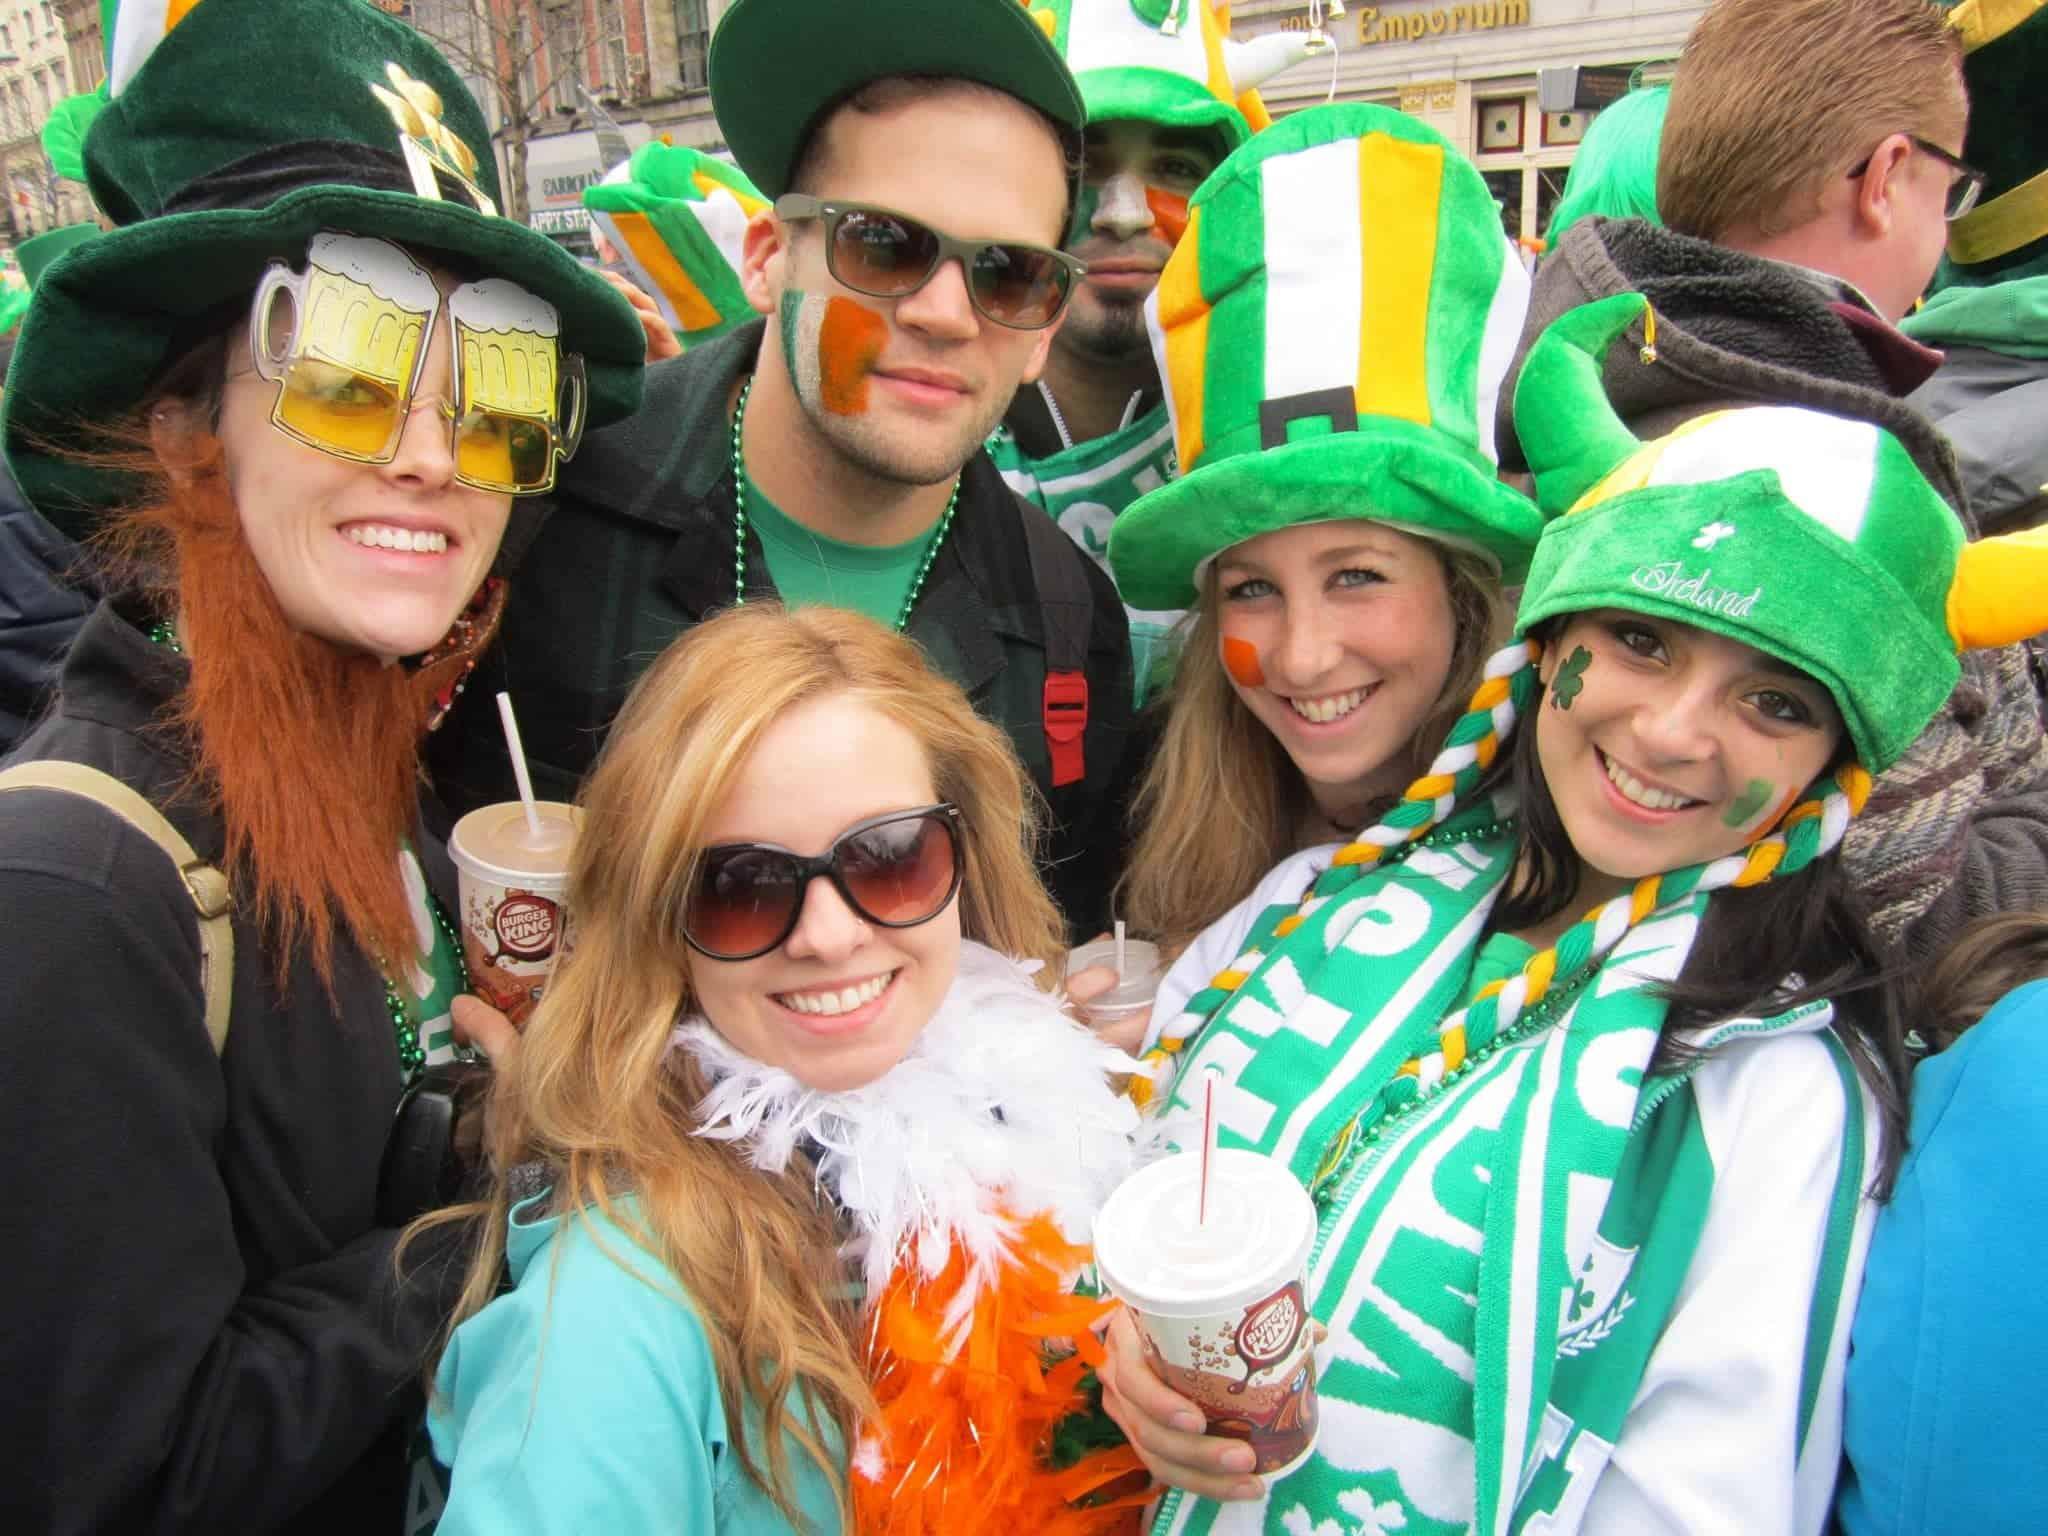 St Patrick's Day Dublin, Ireland